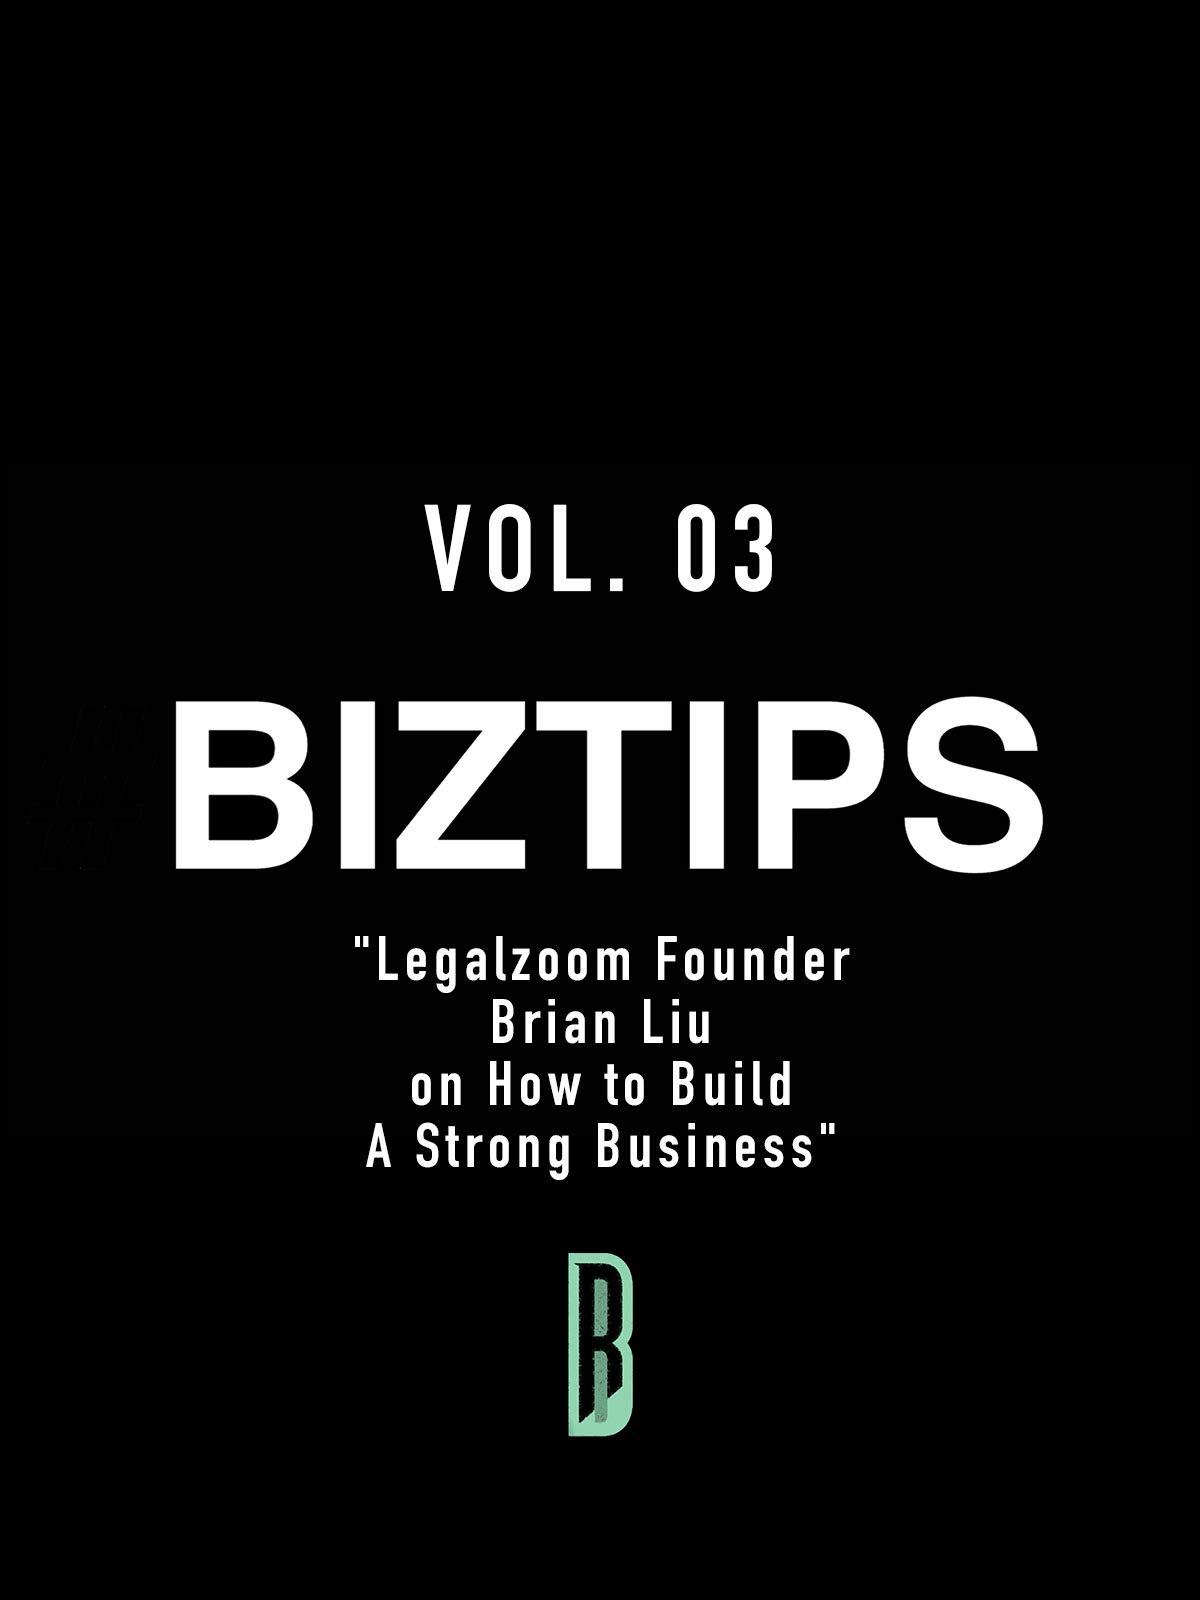 BizTips Vol. 03